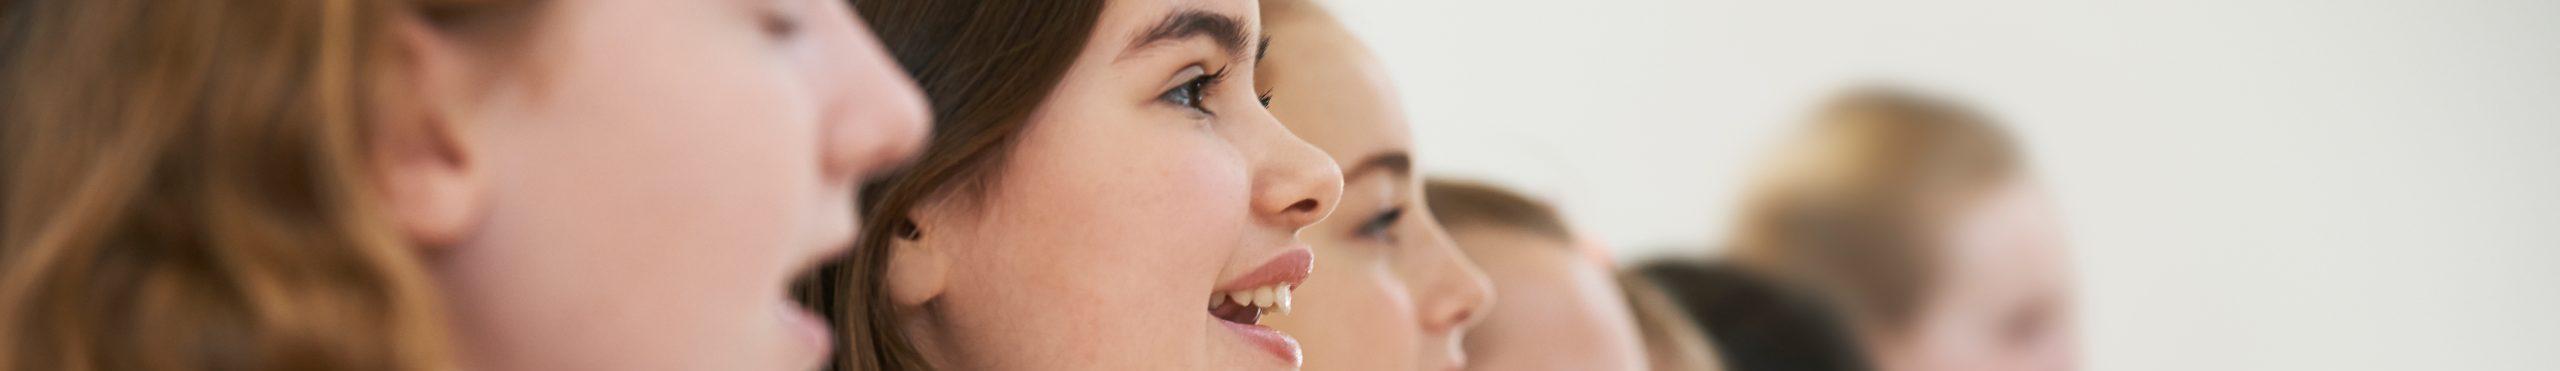 Singen macht Freude und verbindet! OER-Lehrmittel zum Unterrichten von Singen.